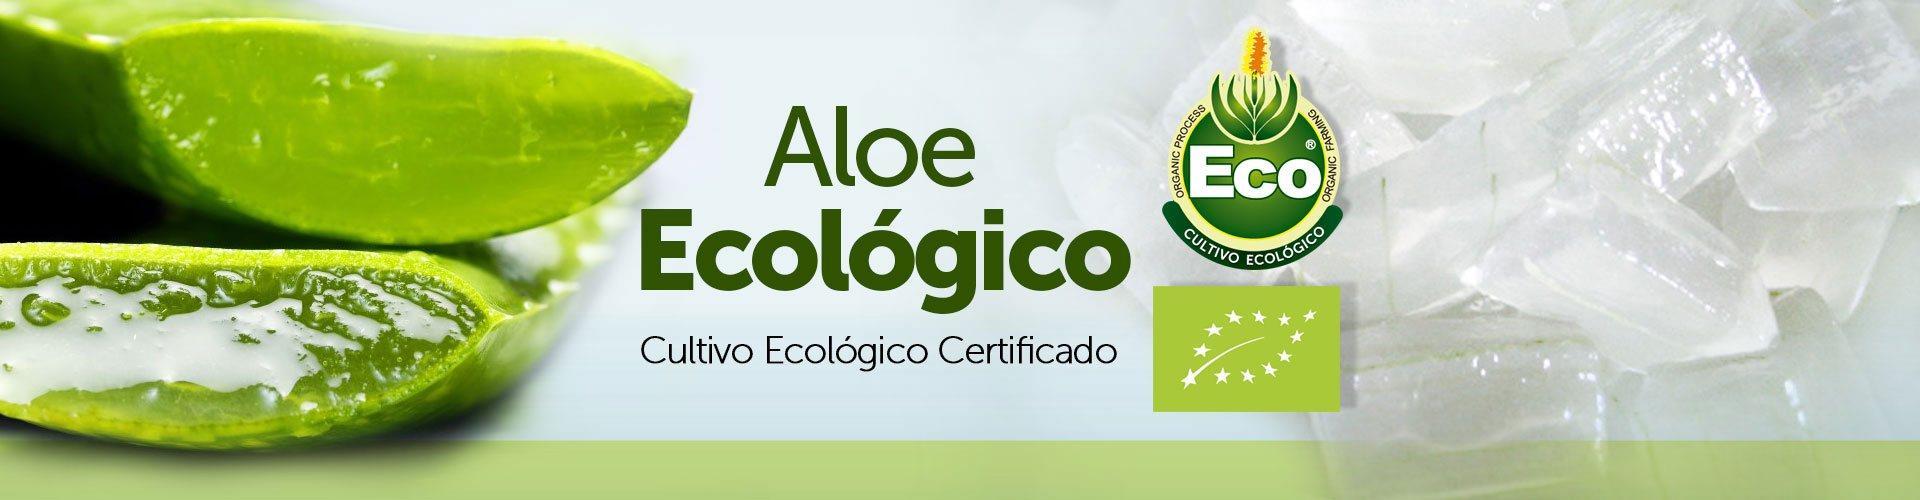 Aloe Vera Ecologico Puro